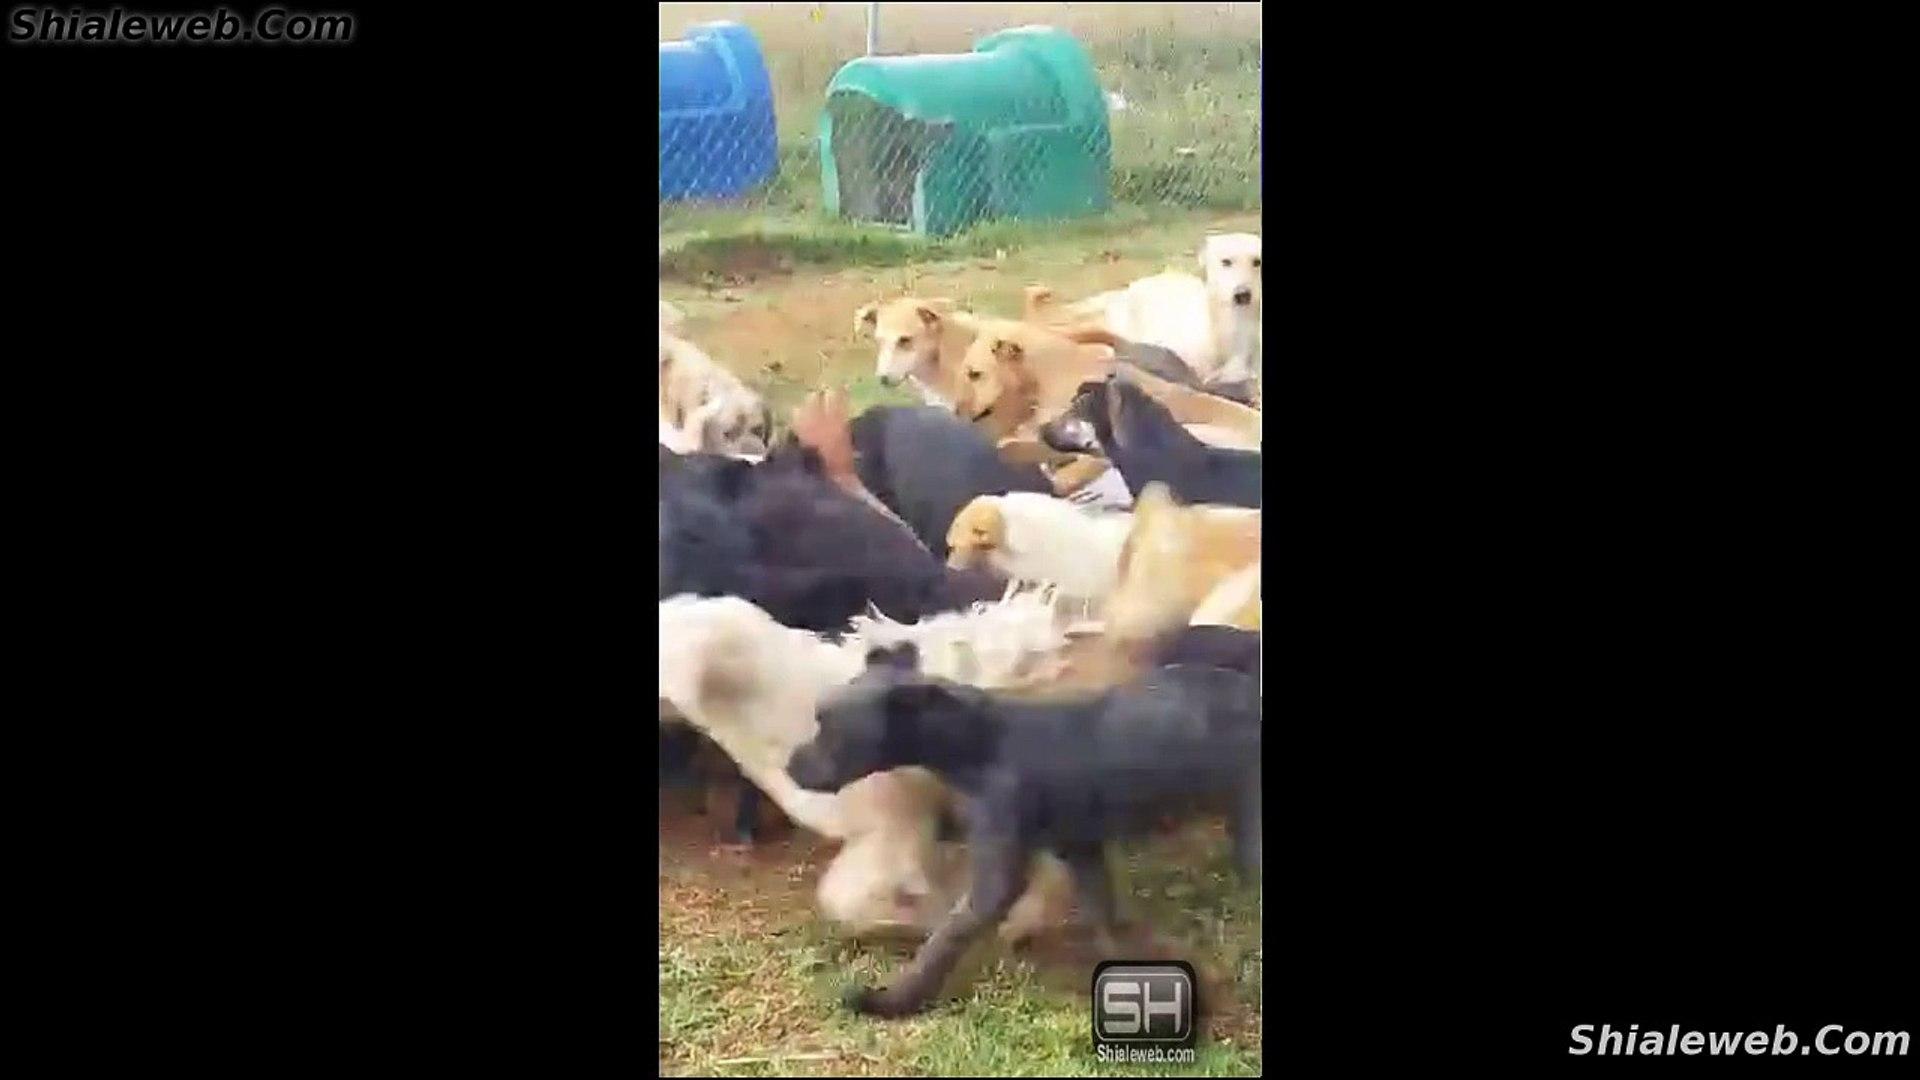 SORPRENDENTE VIDEO ANIMAL DE UN HOMBRE CON SUS PERROS MASCOTAS JUGANDO JUNTOS SEPTIEMBRE 2015